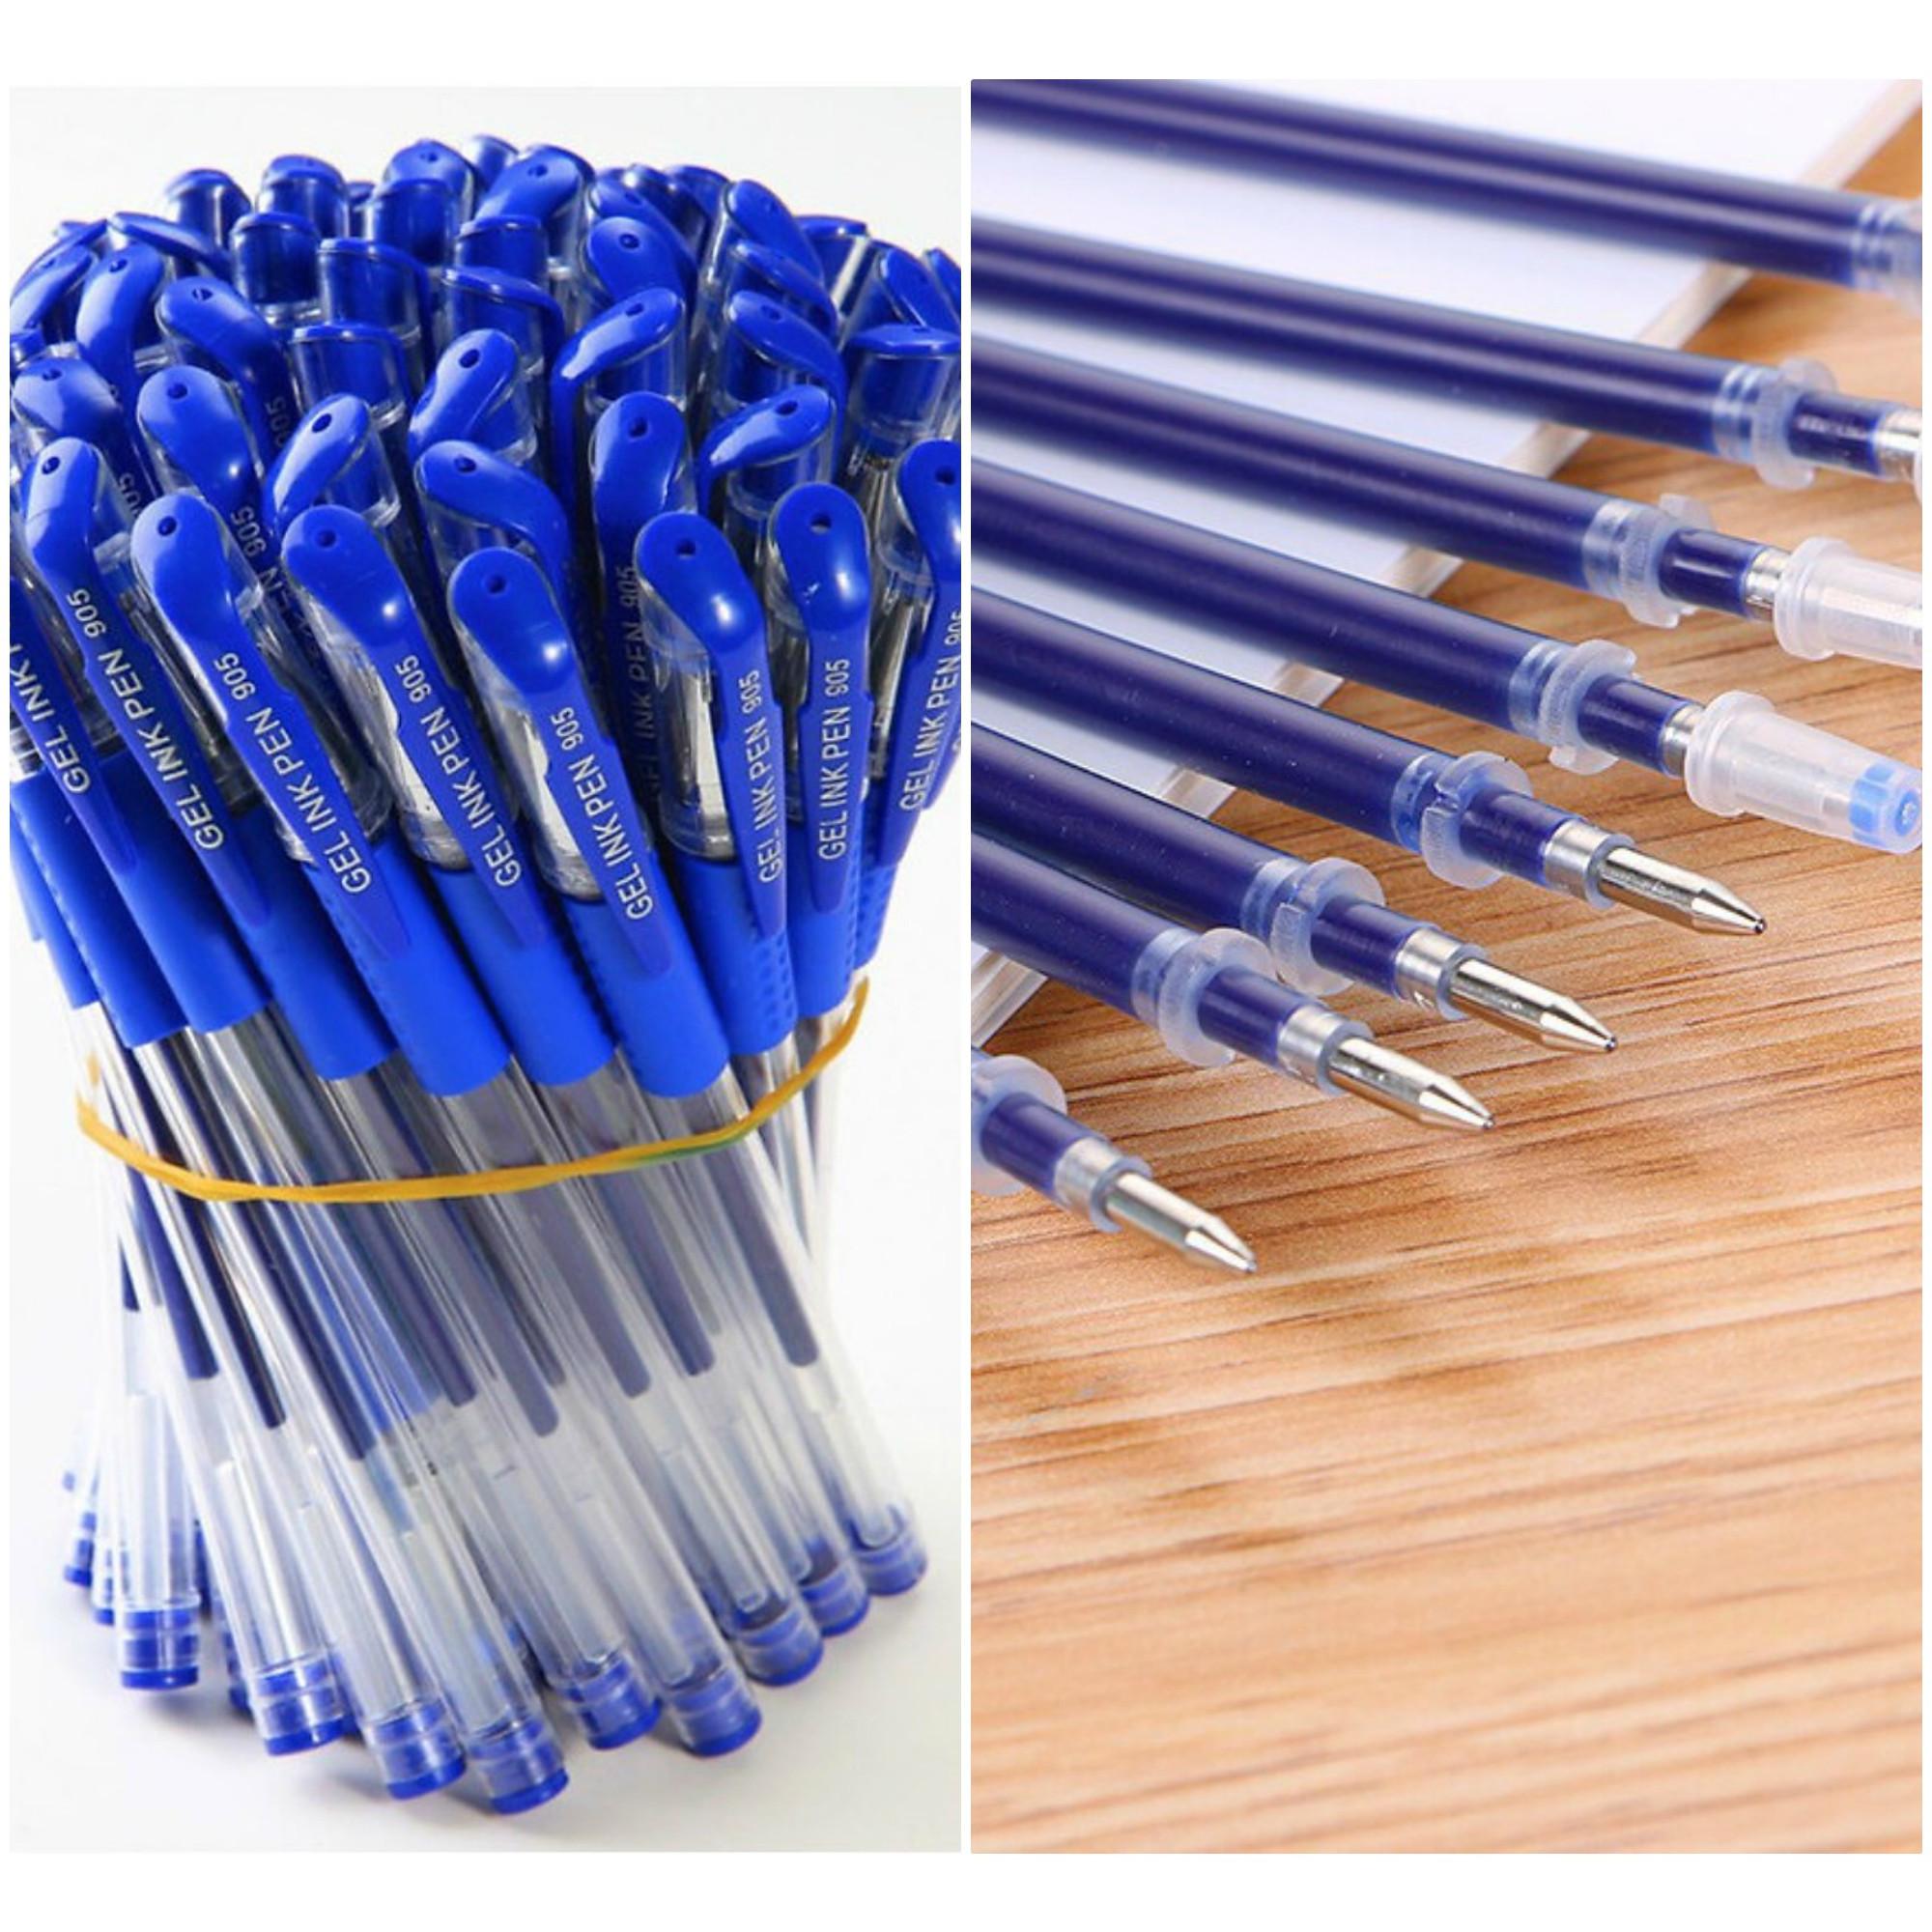 Combo gồm 30 bút nước và 60 ruột bút nét đẹp mực đều